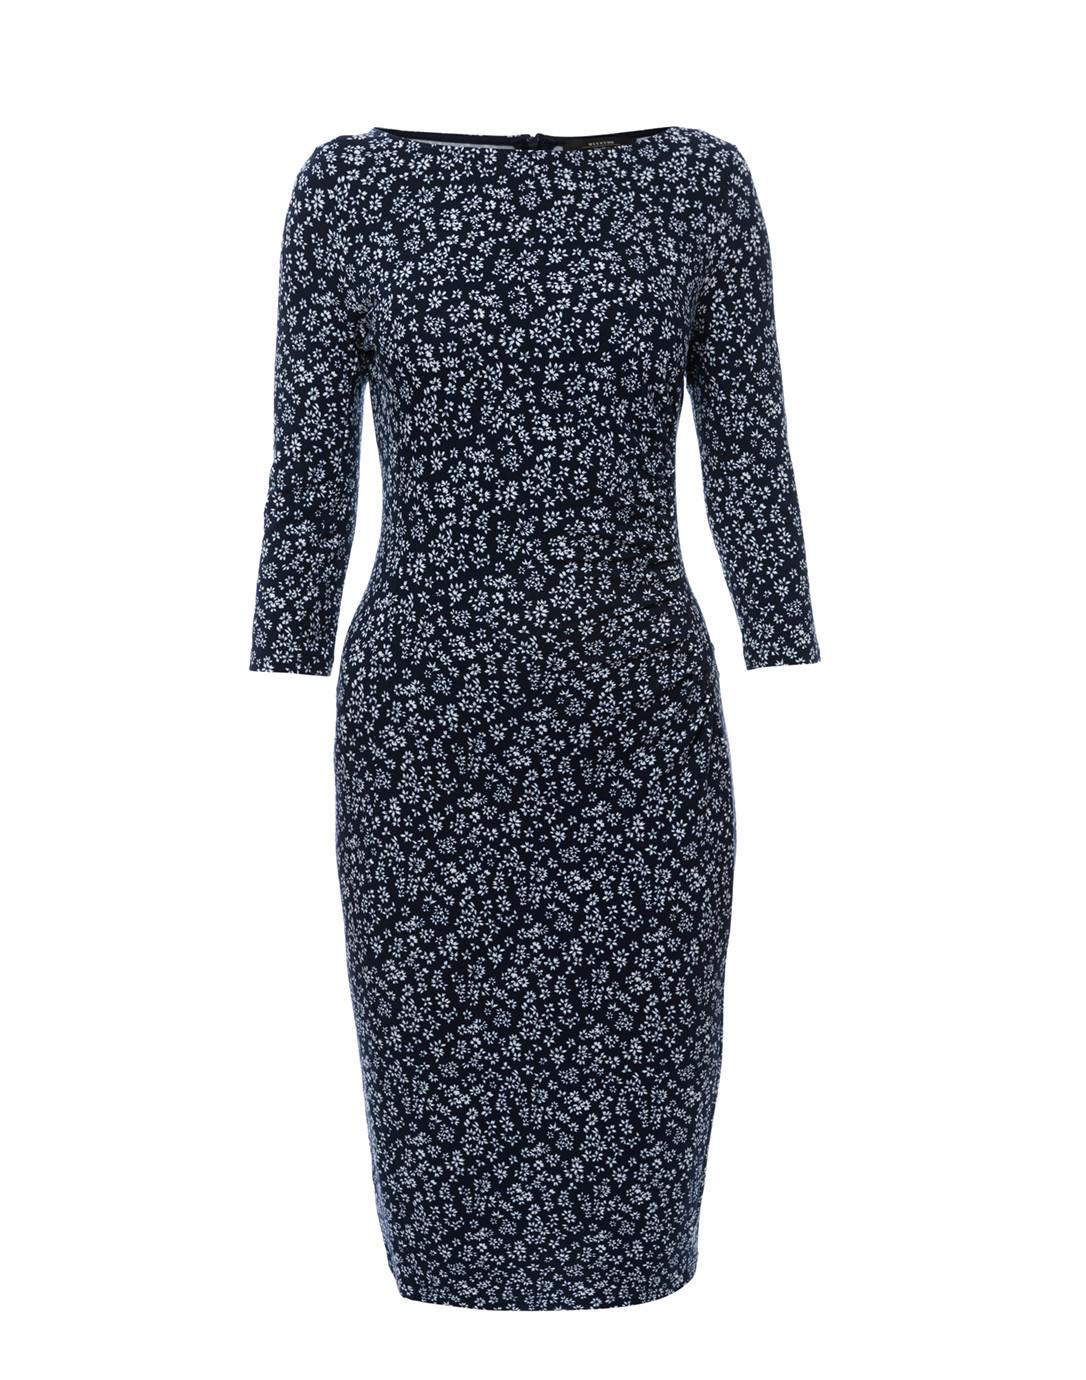 e0e4d38bf42 Kriss Navy Blue Floral Jersey Dress